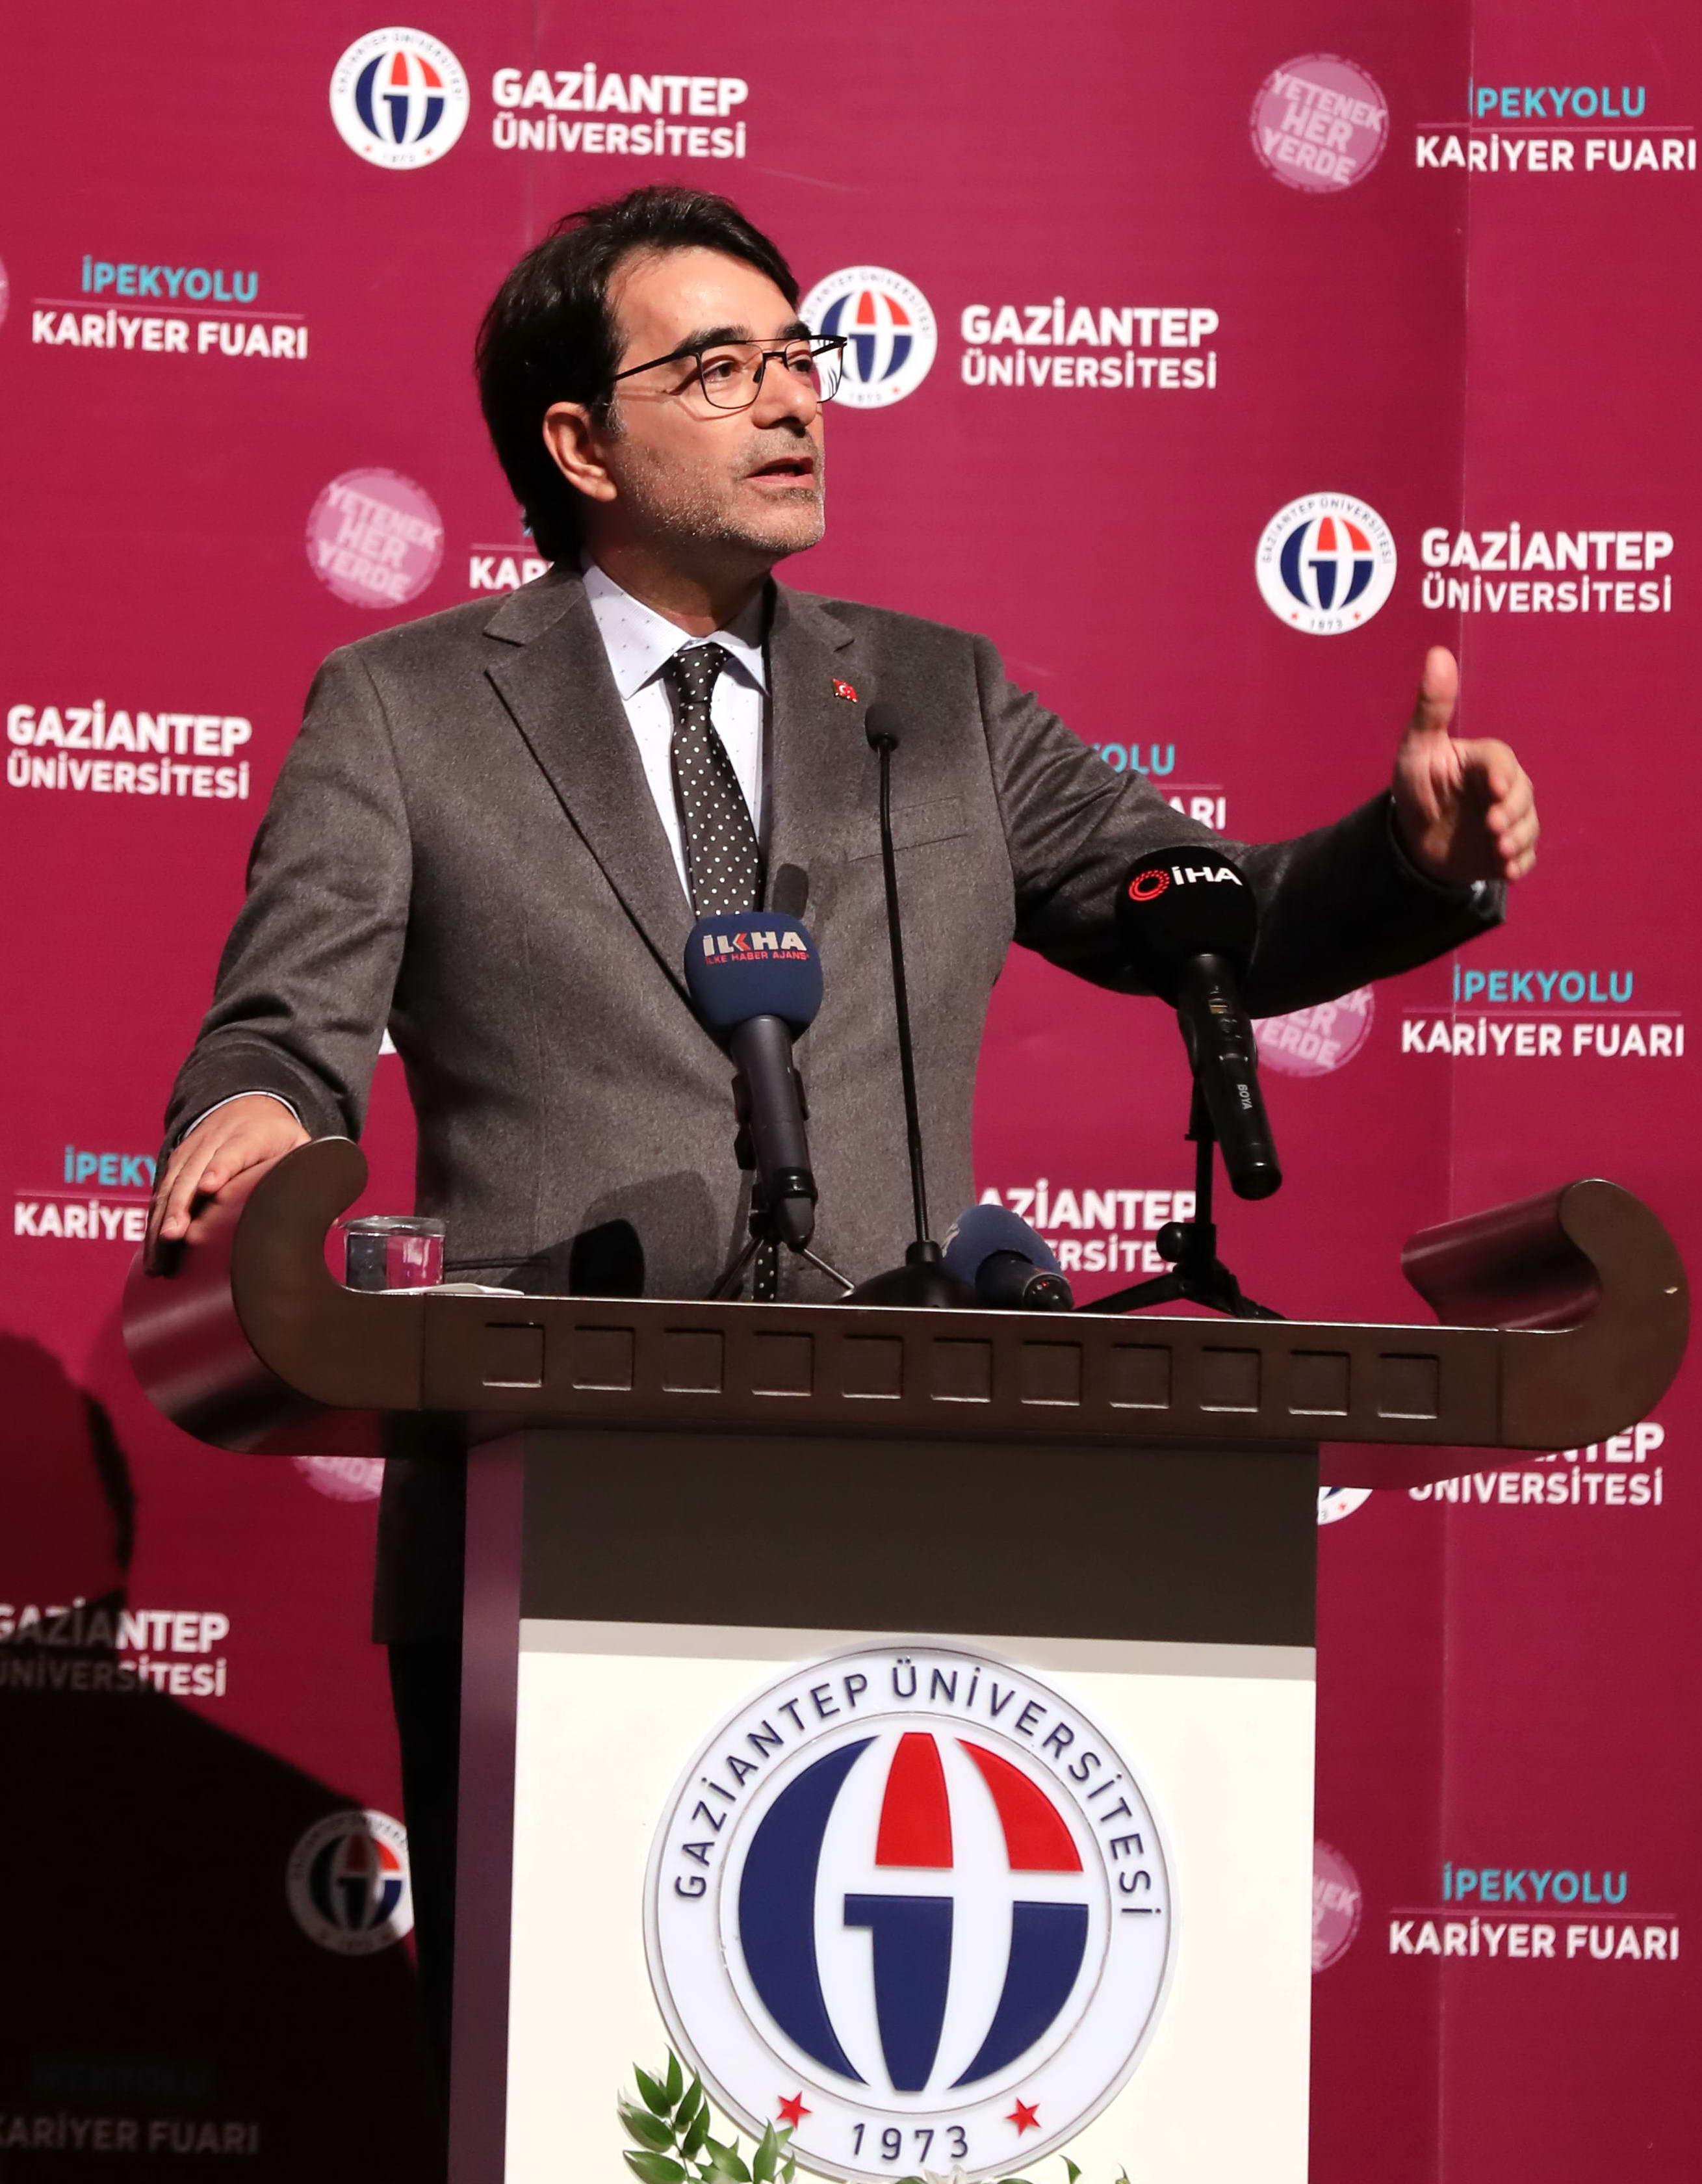 GAÜN'DE BÖLGENİN EN BÜYÜK KARİYER FUARI -  (Doç. Dr. Salim Atay)